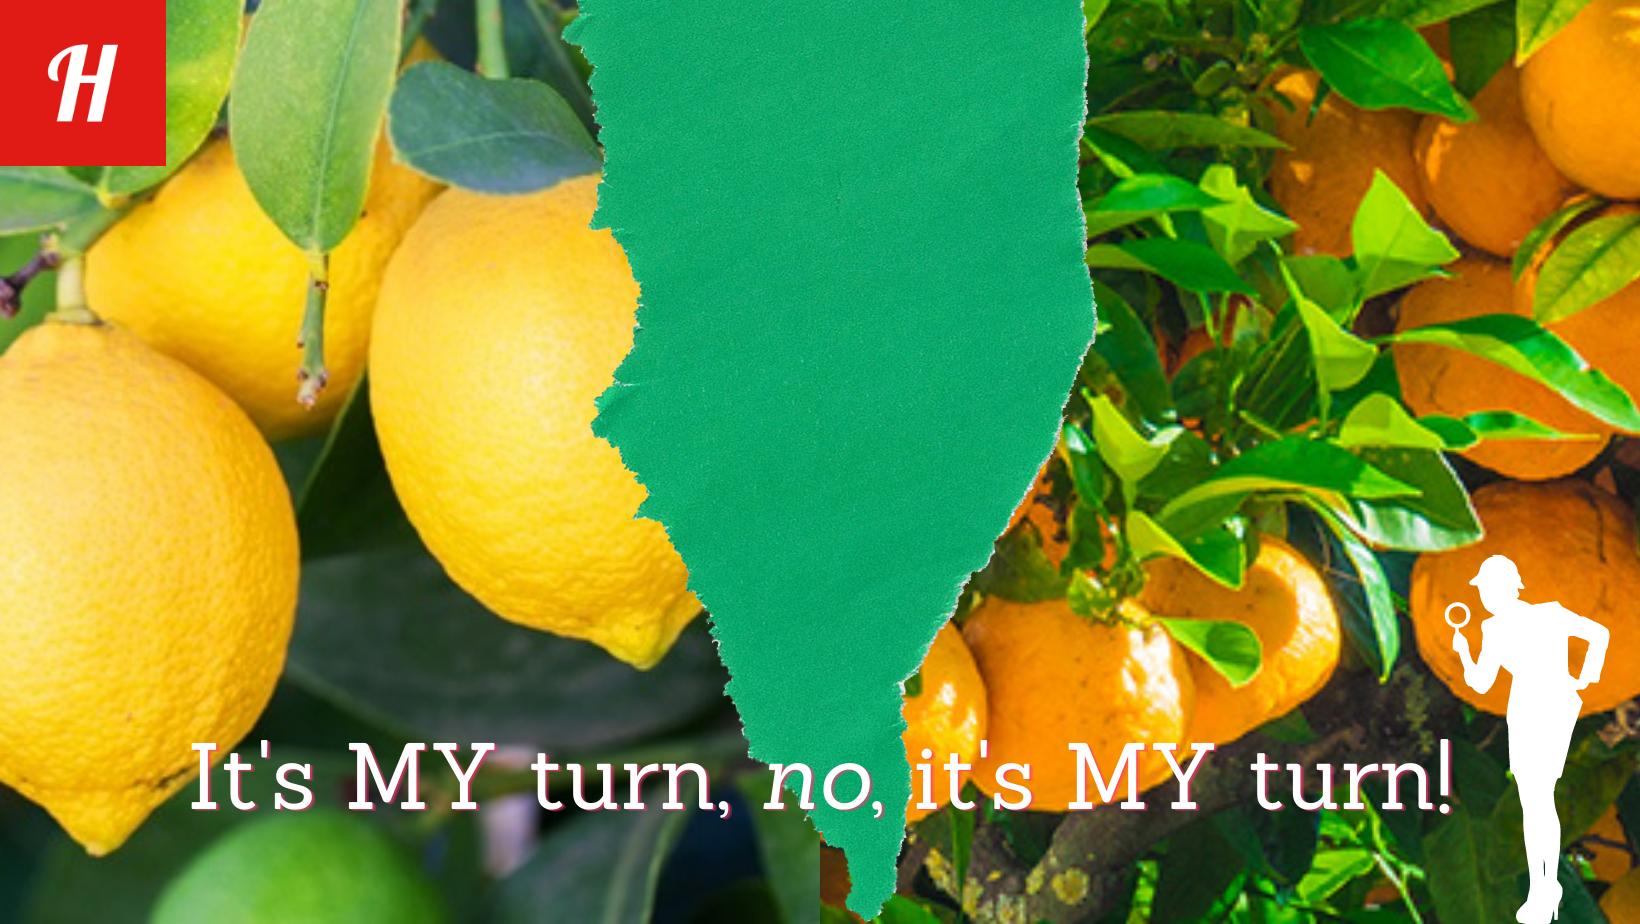 Spectre for lemons and mandarins